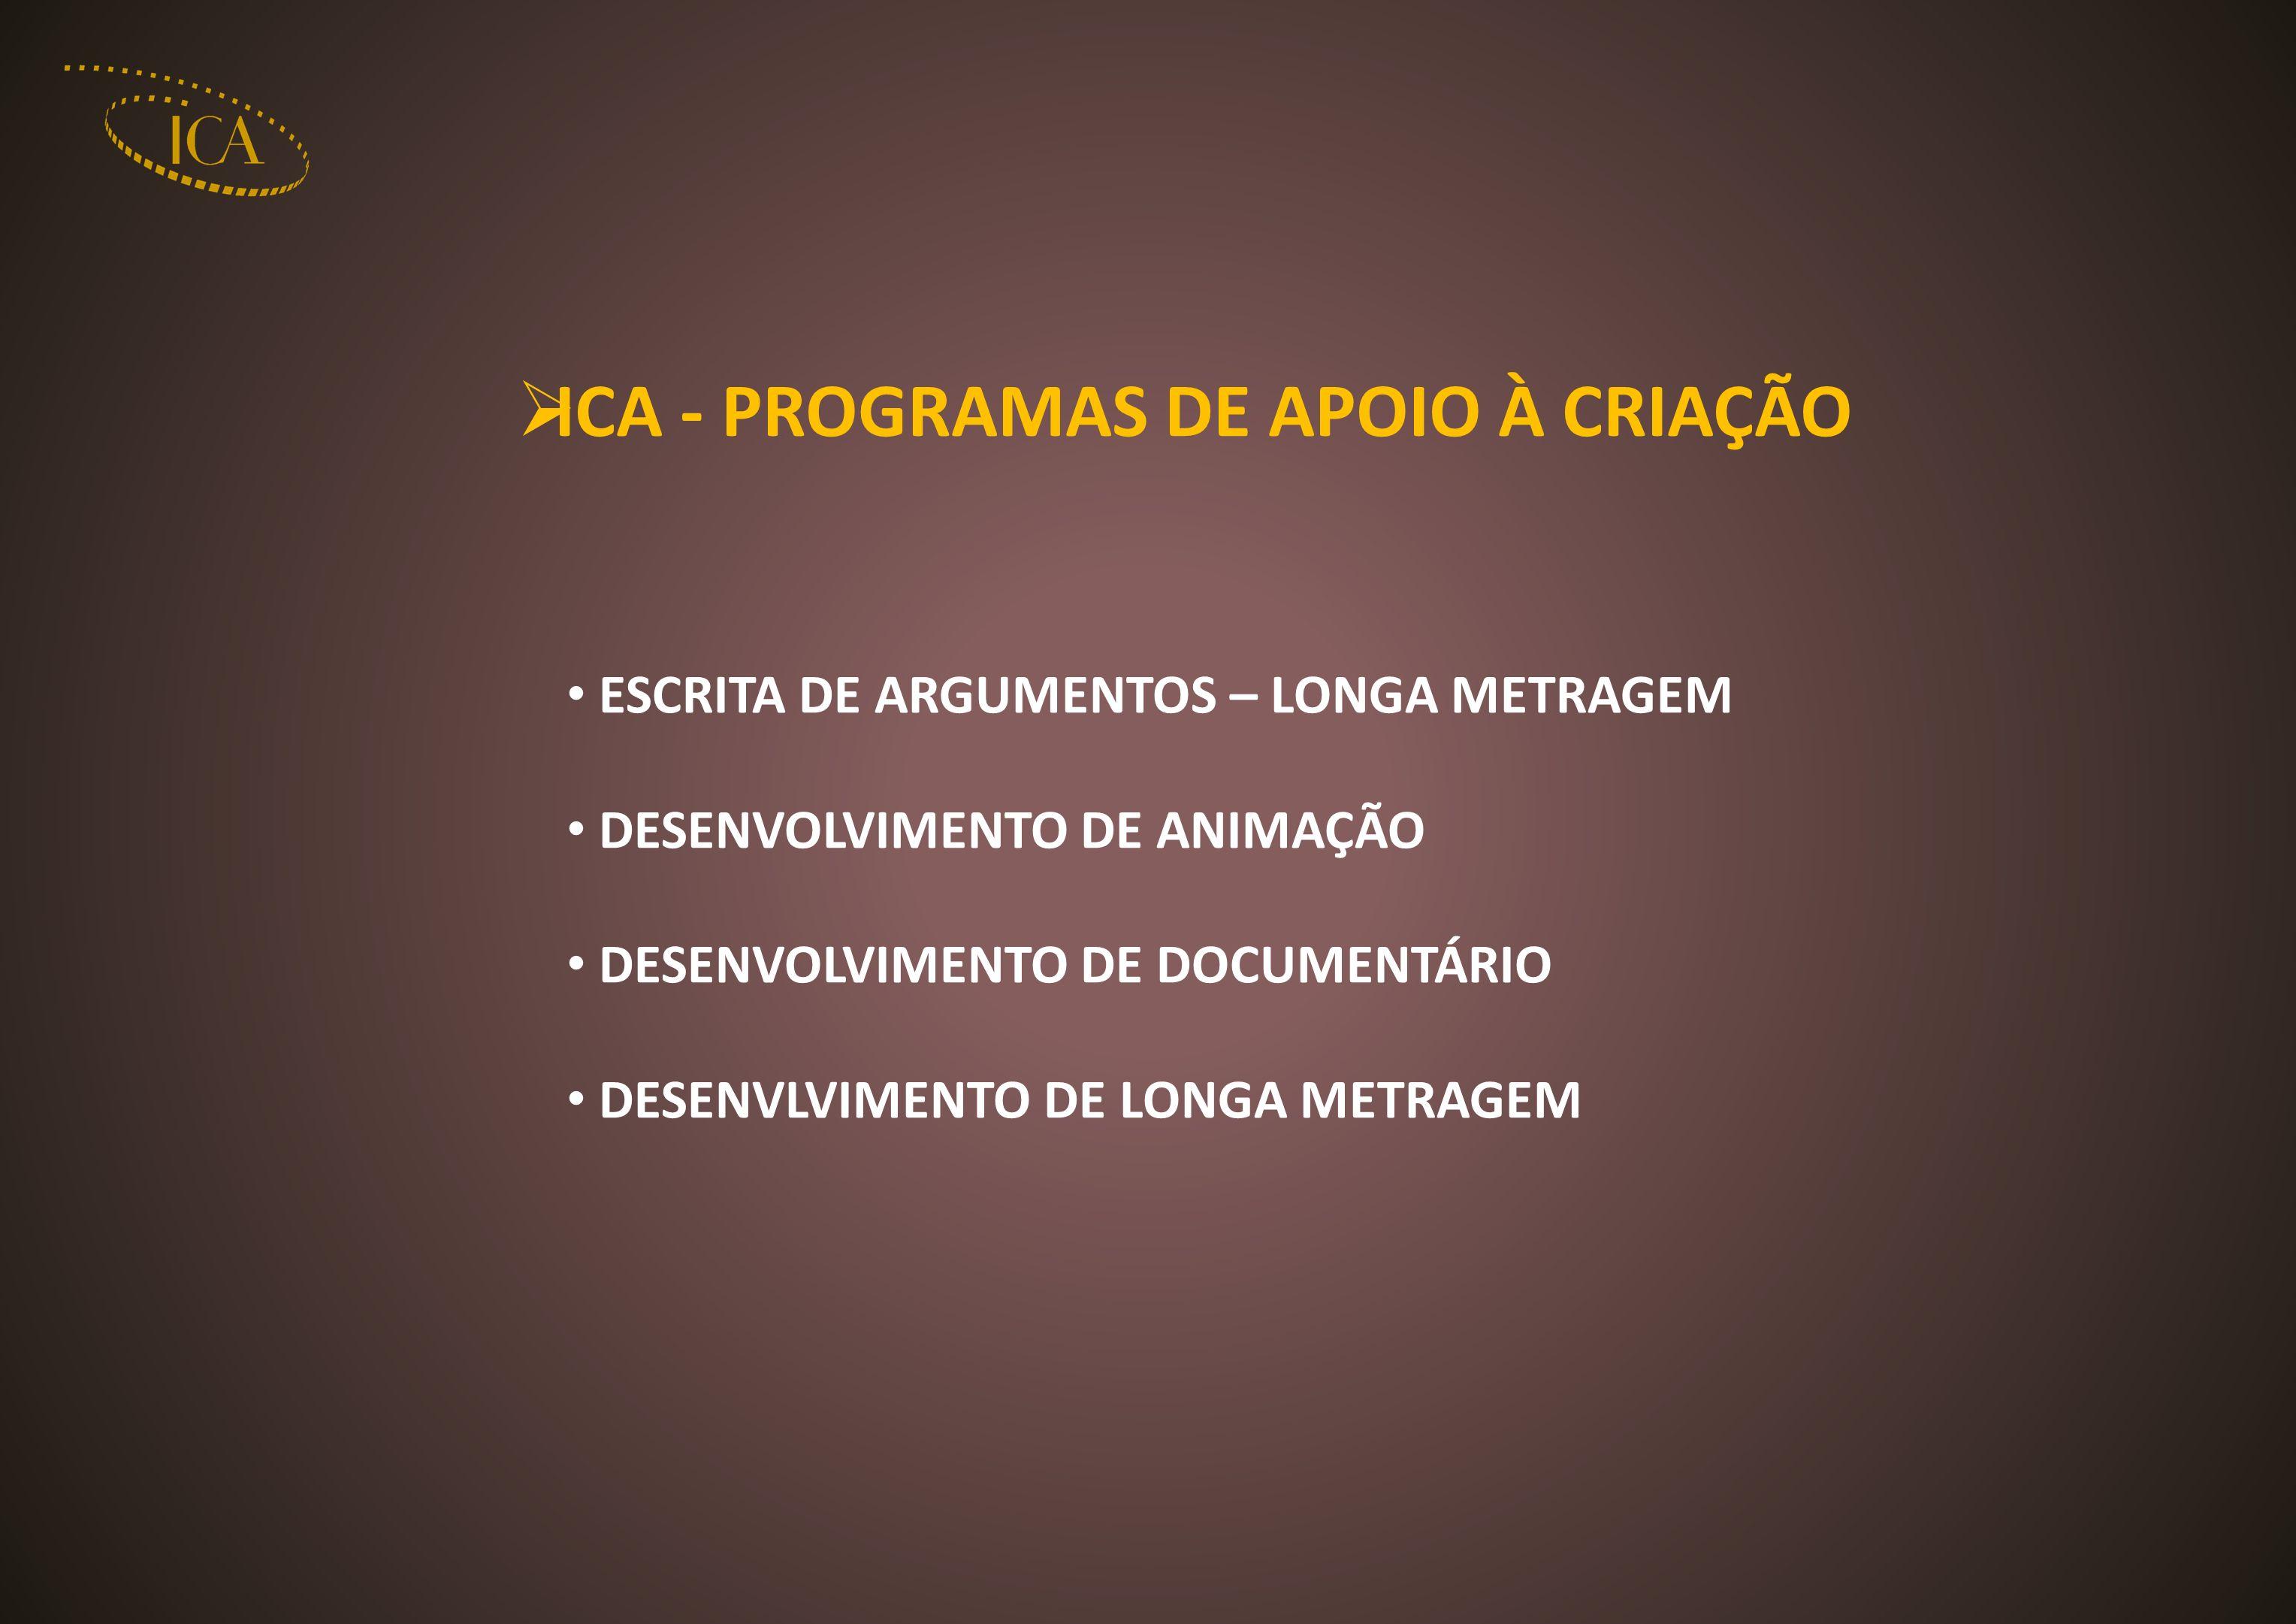 ICA - PROGRAMAS DE APOIO À CRIAÇÃO ESCRITA DE ARGUMENTOS – LONGA METRAGEM DESENVOLVIMENTO DE ANIMAÇÃO DESENVOLVIMENTO DE DOCUMENTÁRIO DESENVLVIMENTO D